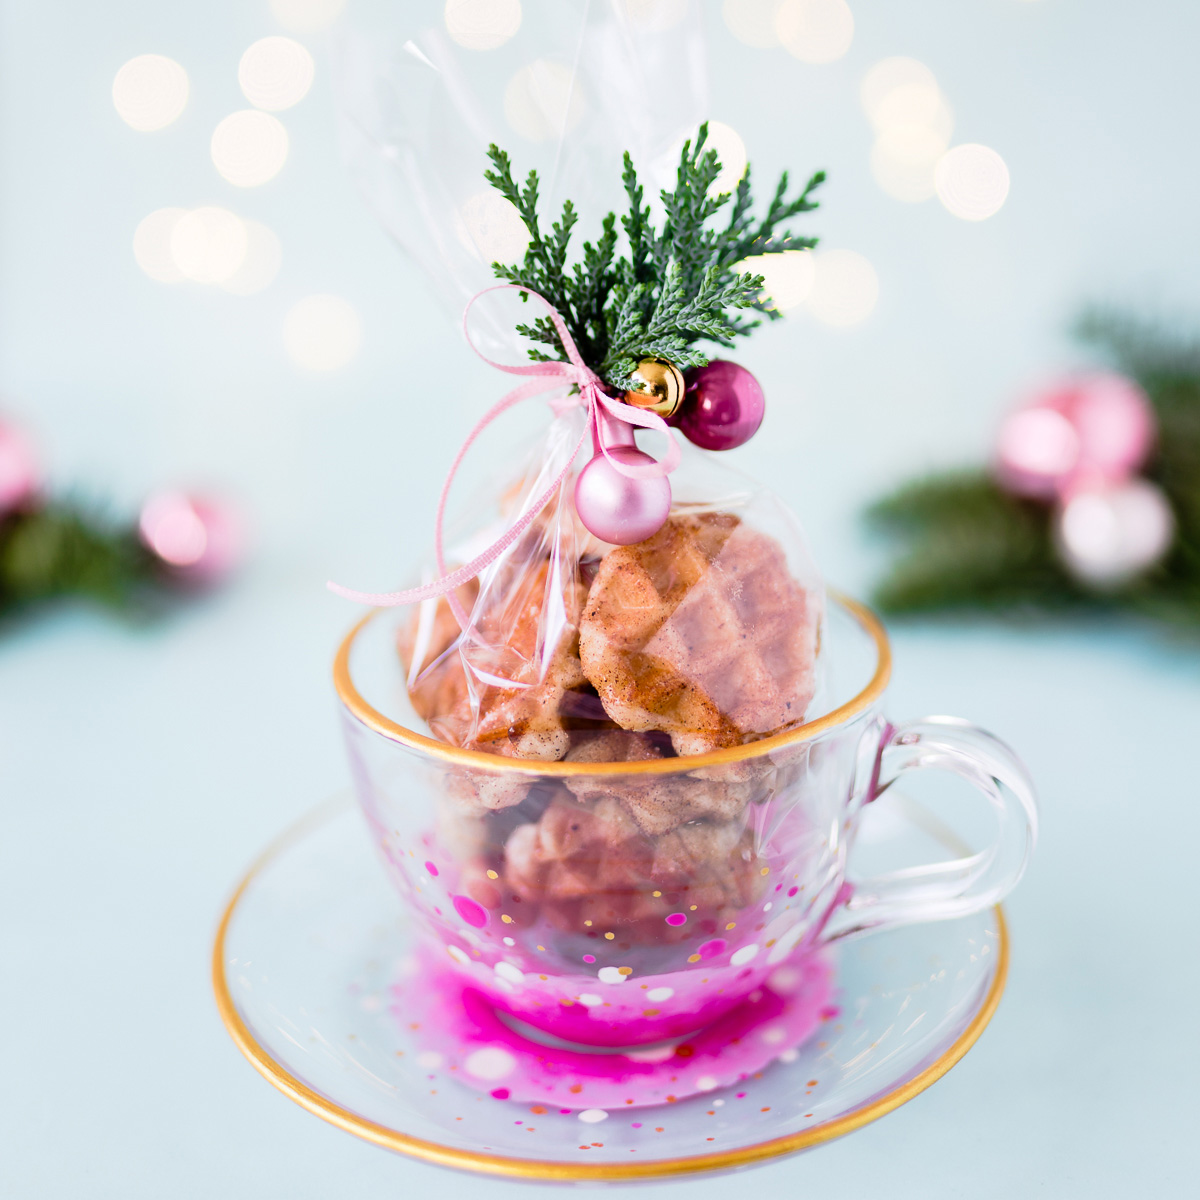 Kathy Loves - Last Minute Geschenk - DIY Teetasse mit Glasfarbe Weihnachten - 01 - missredfox - 12giftswithlovegoesXMAS - 15